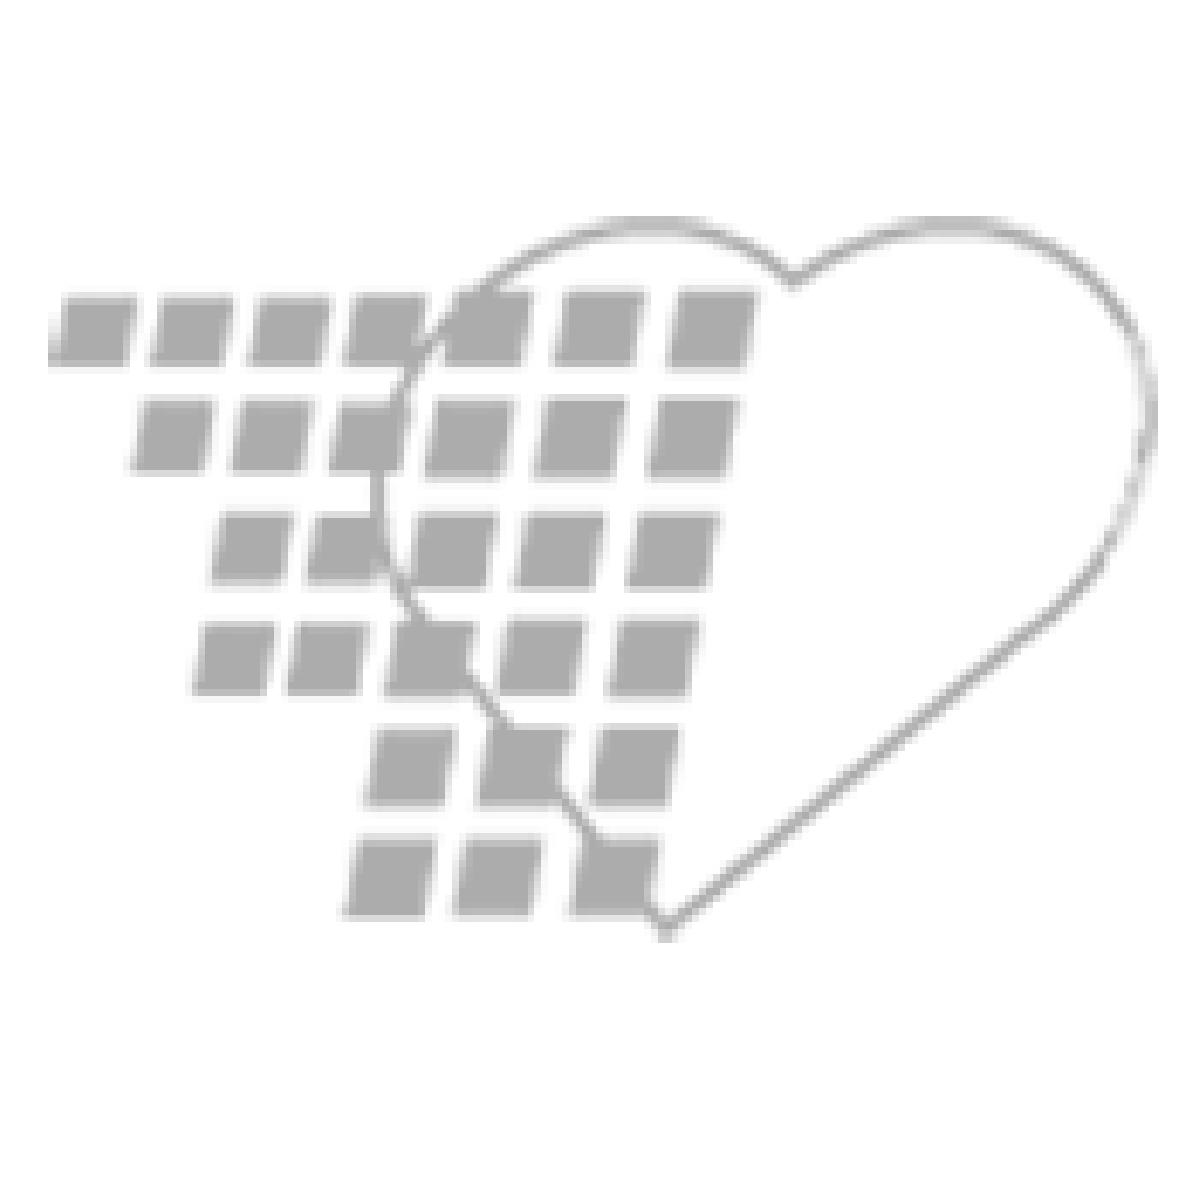 02-36-4234 Stool Specimen Container